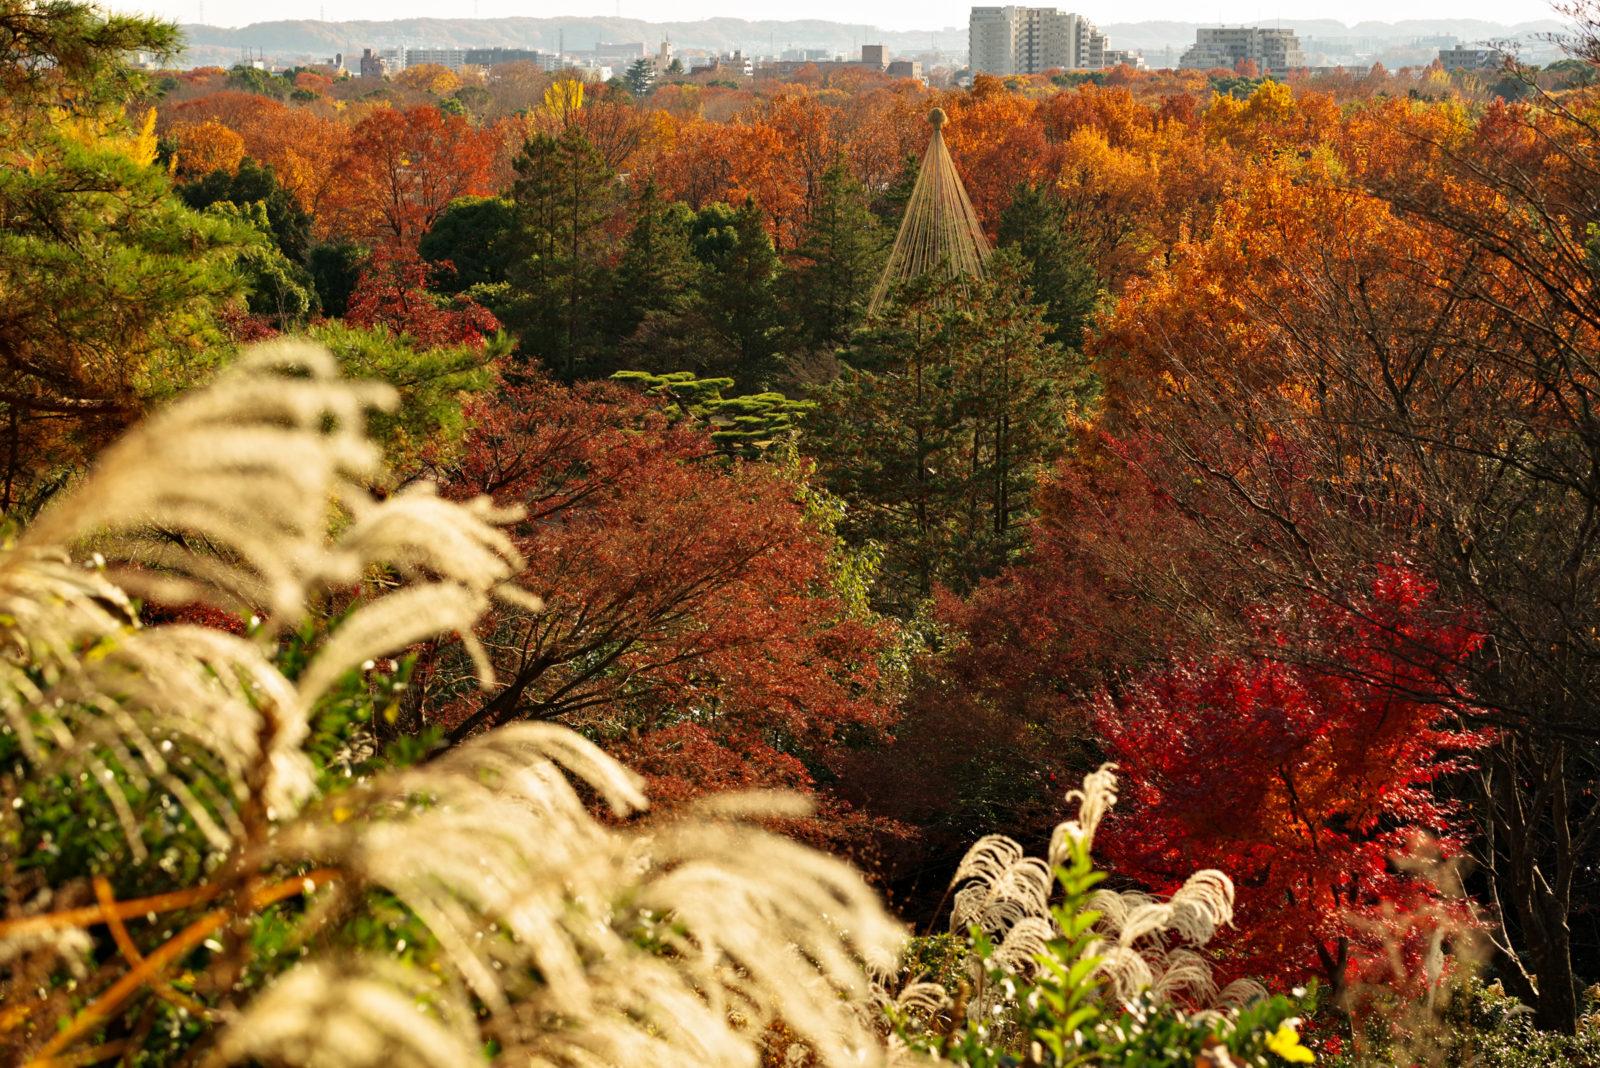 昭和記念公園 日本庭園 | PENTAX K-1&D FA★70-200mm